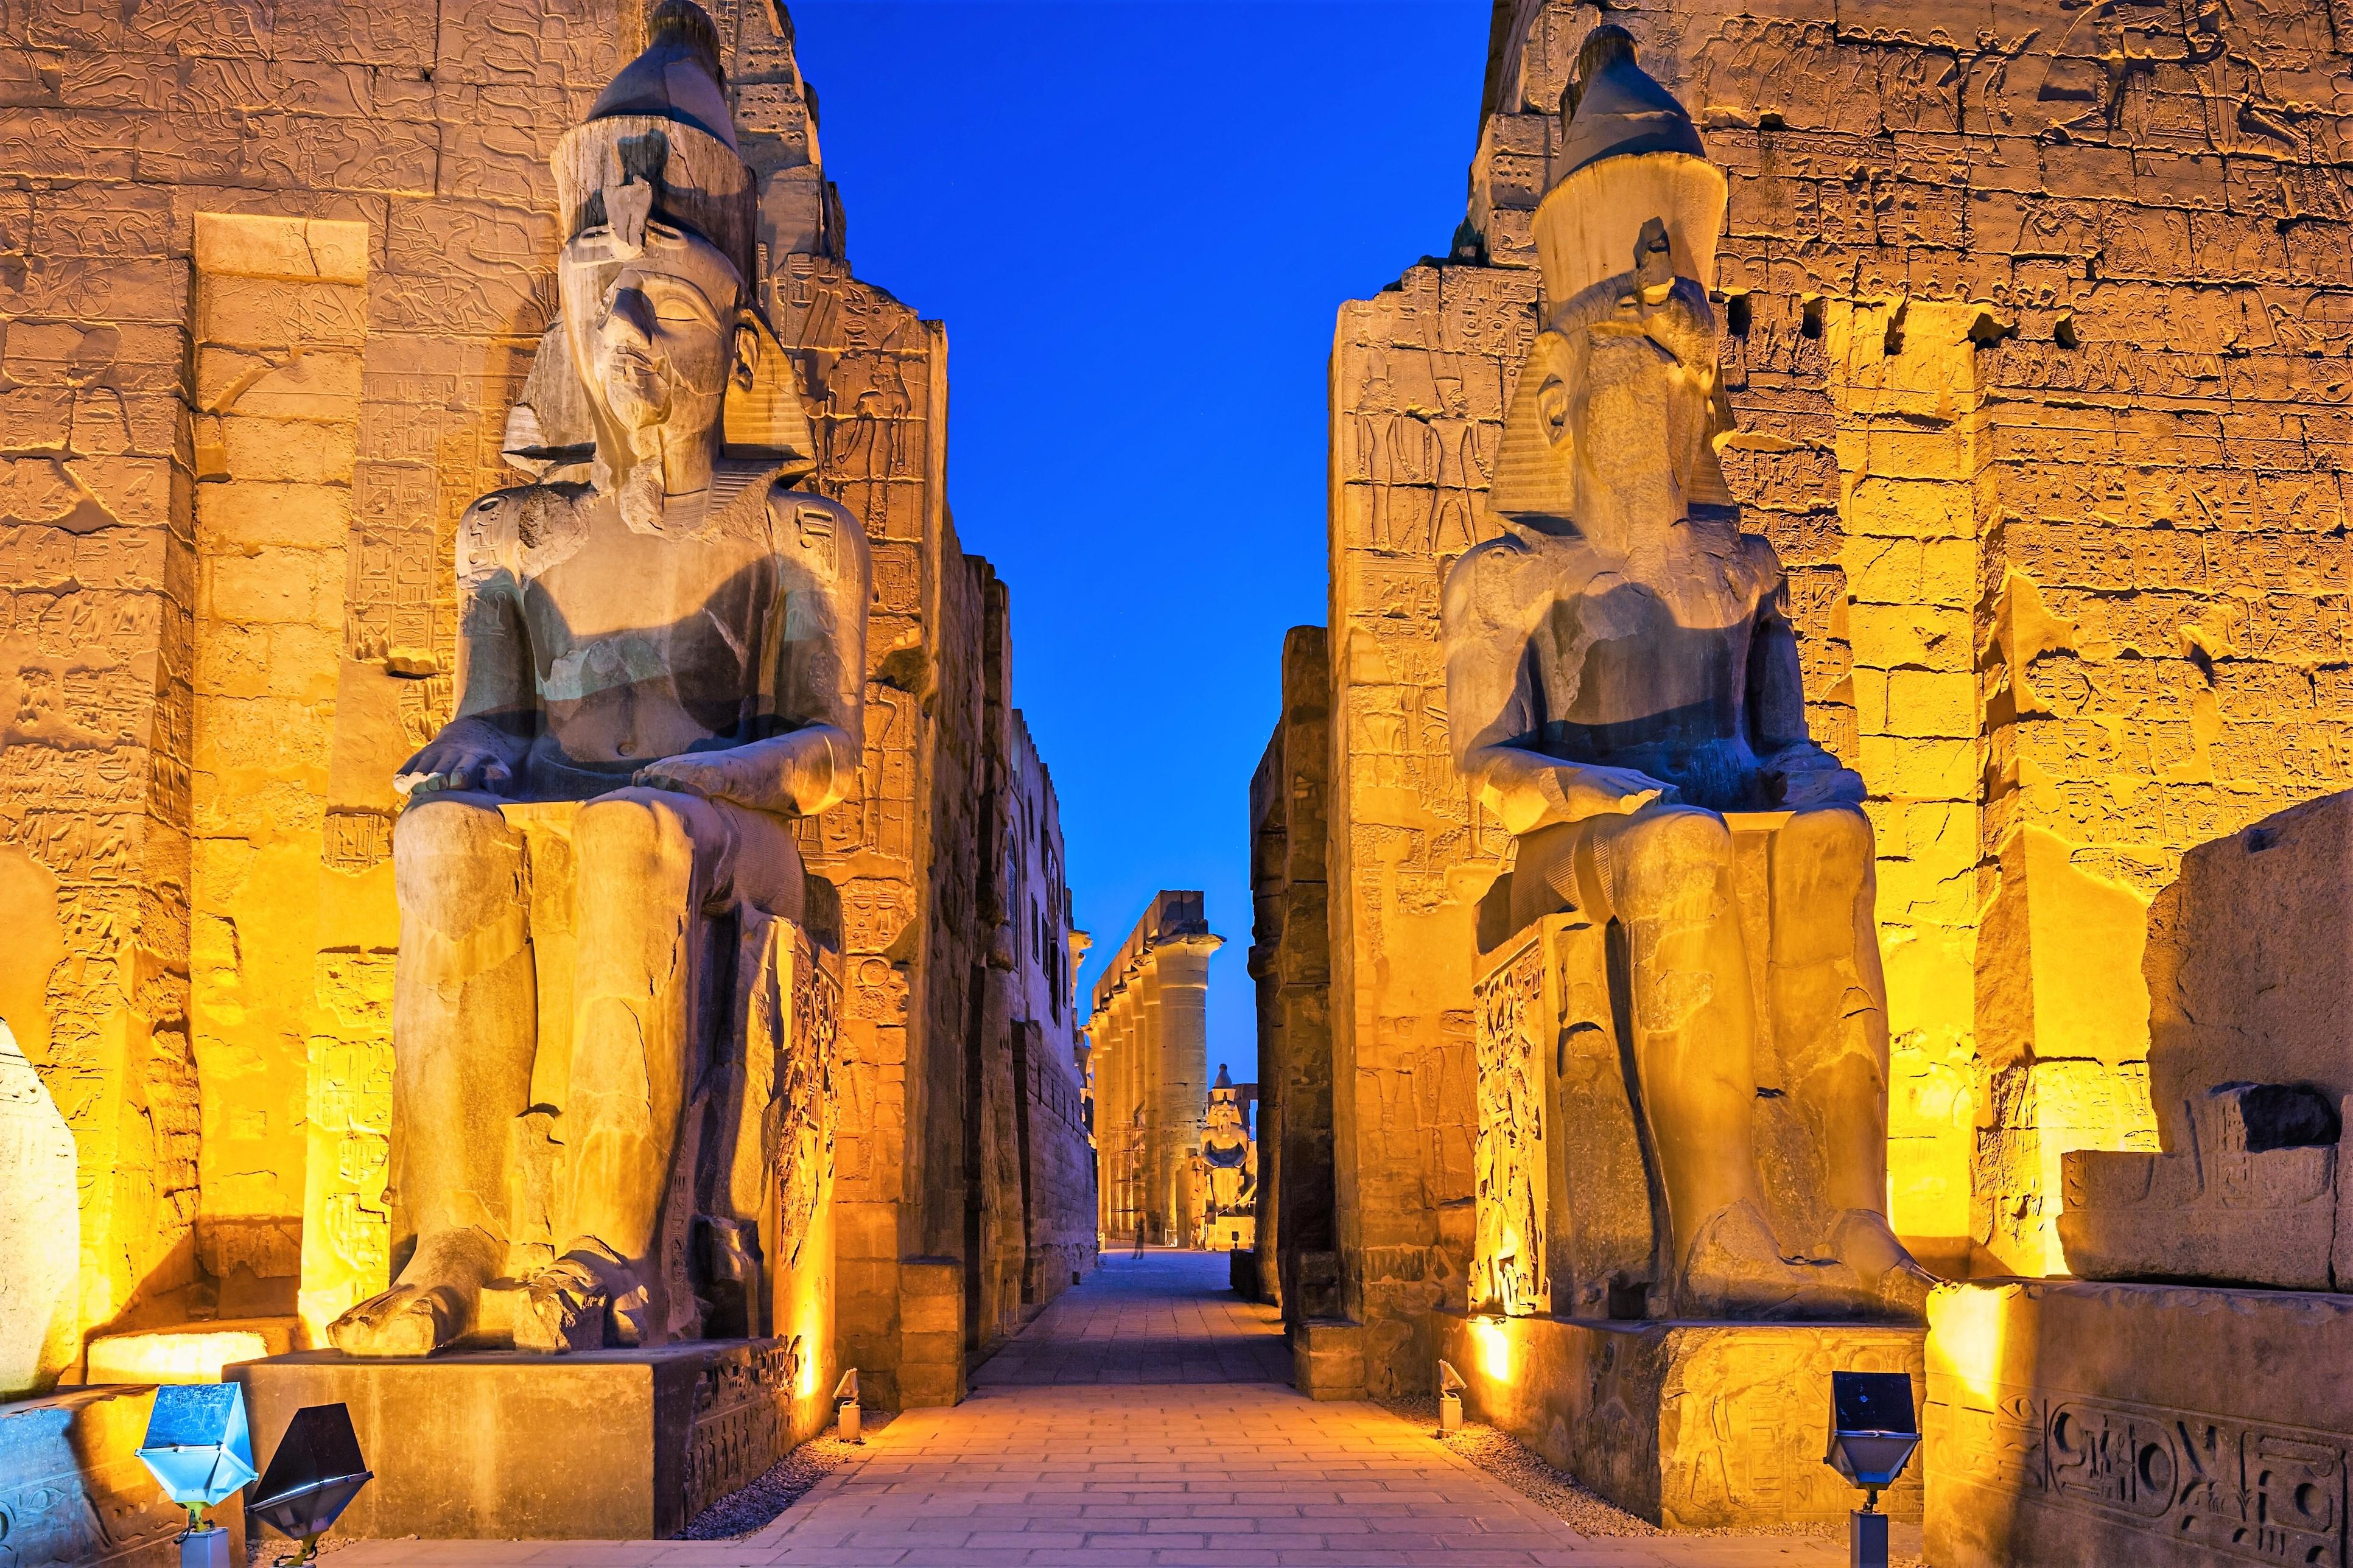 Egypt 2019 - Billings Chamber of Commerce